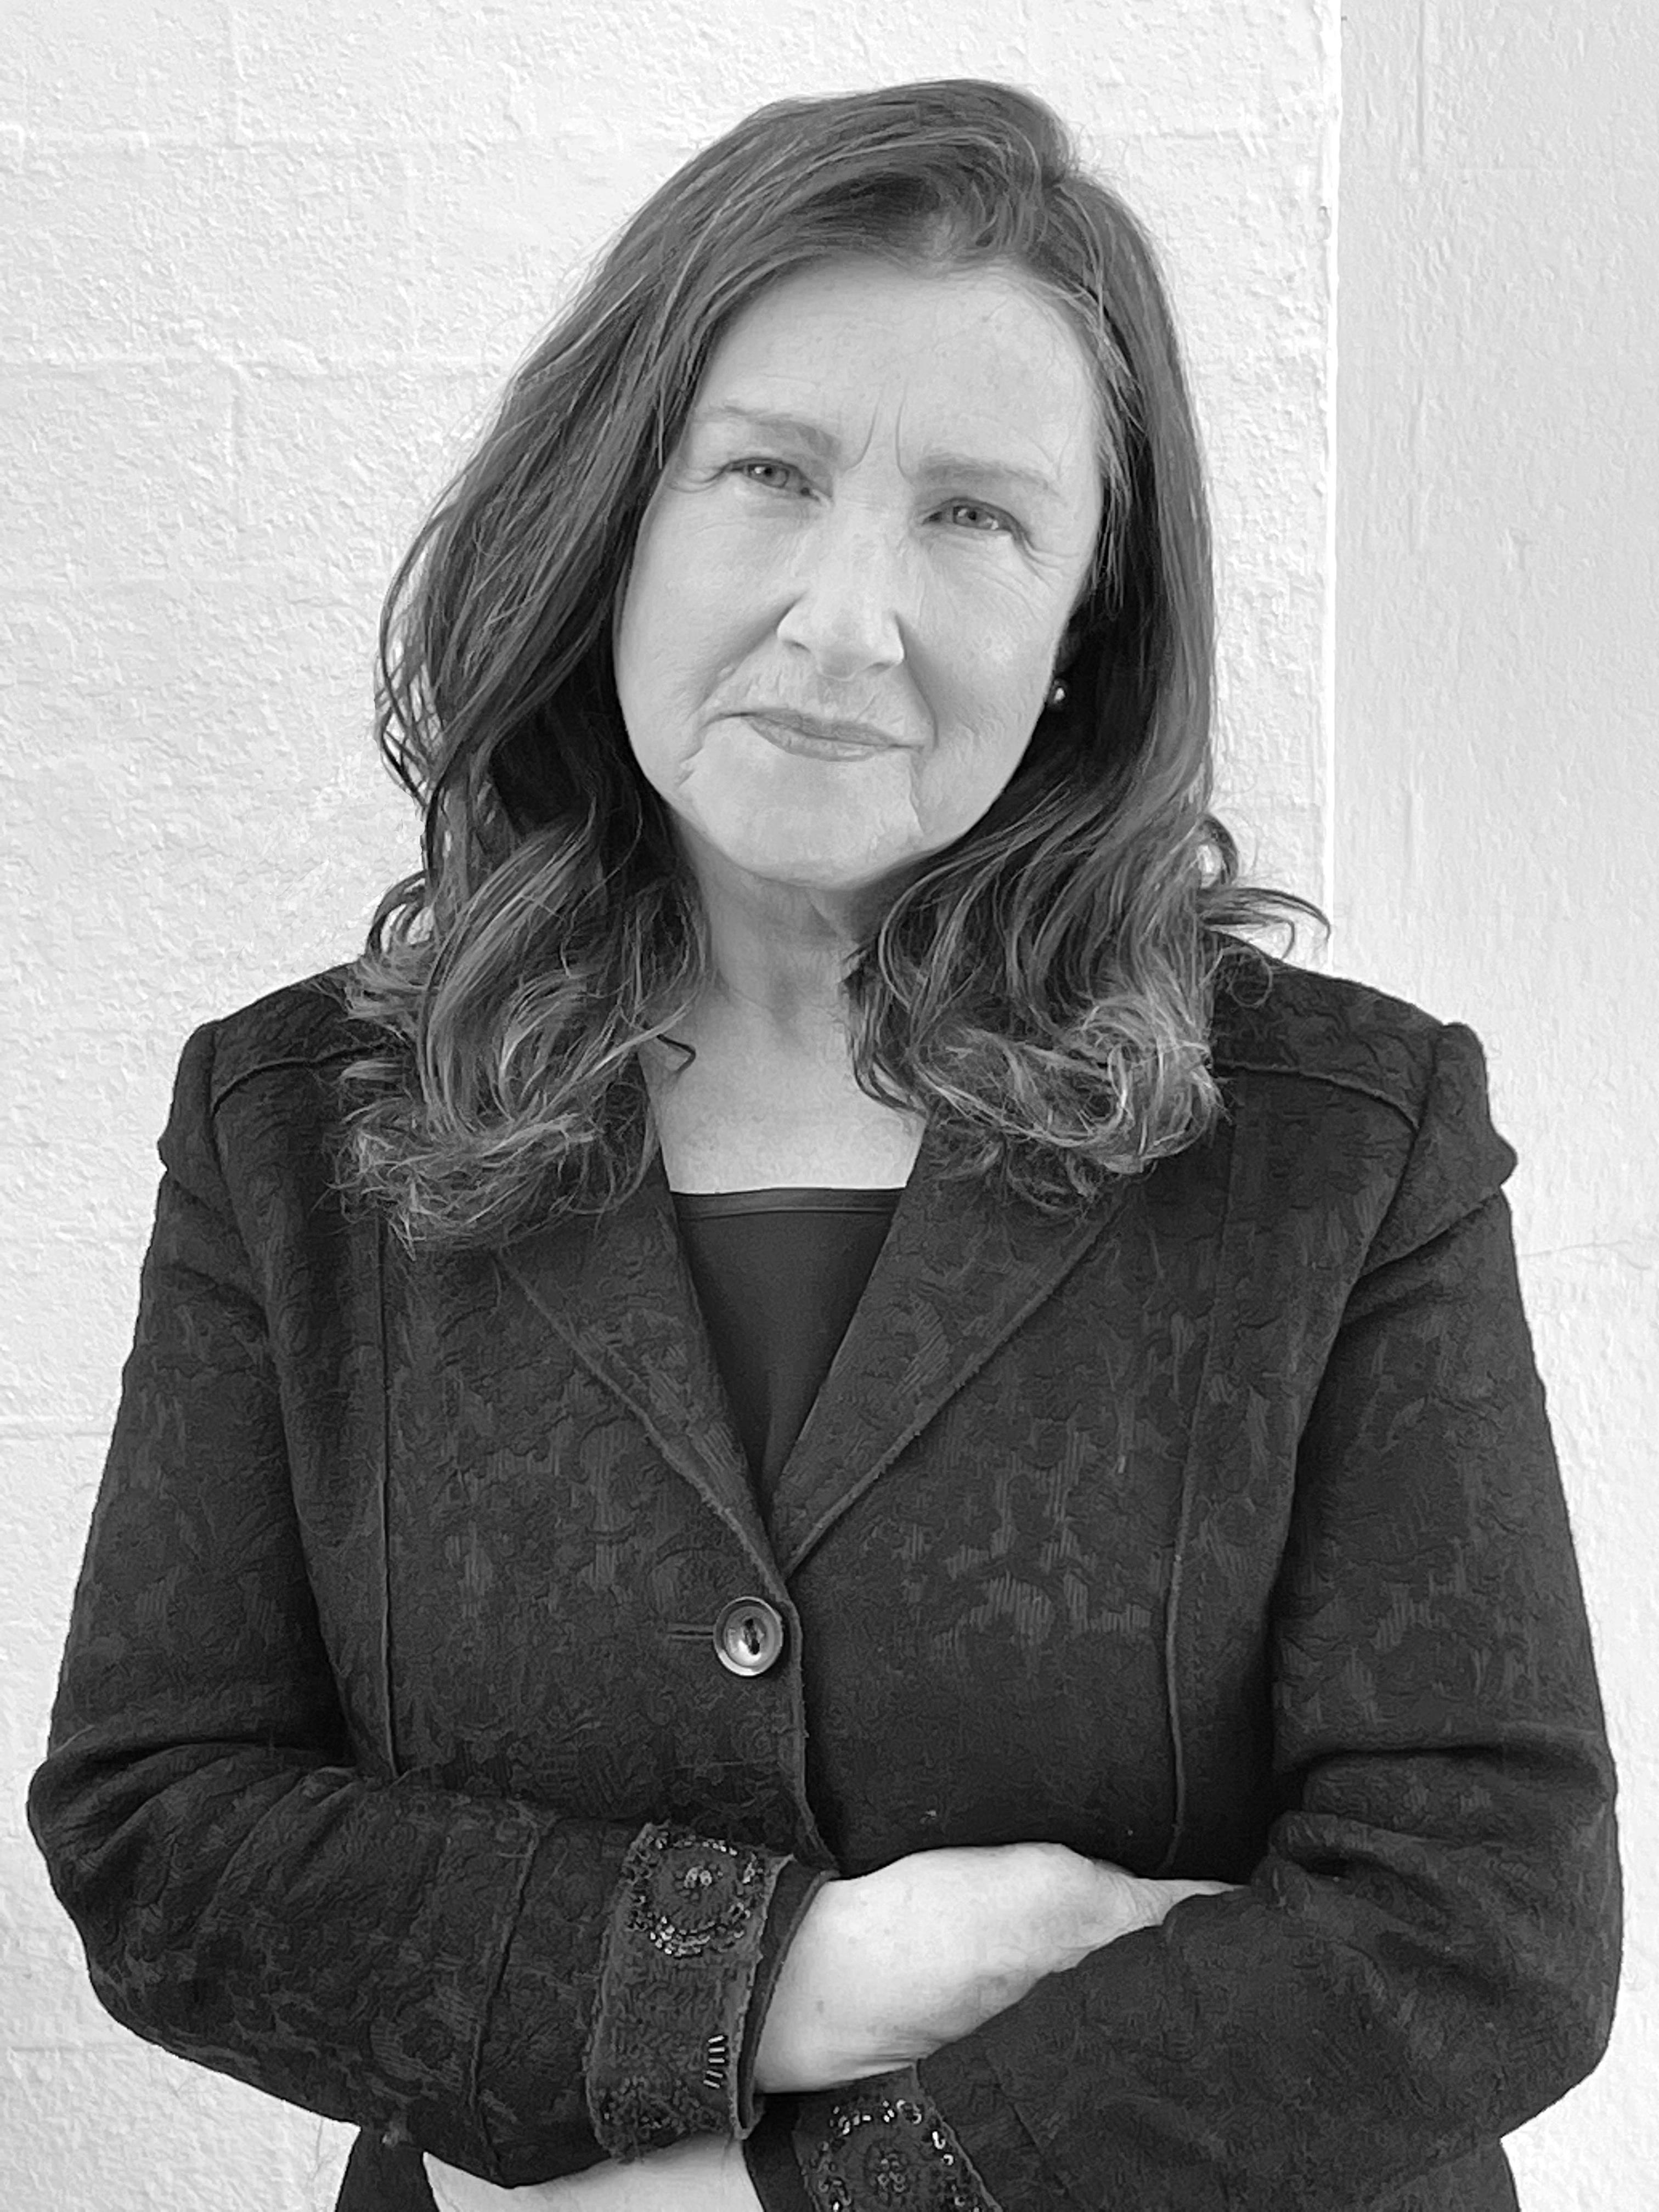 Ann-Marie Doyle